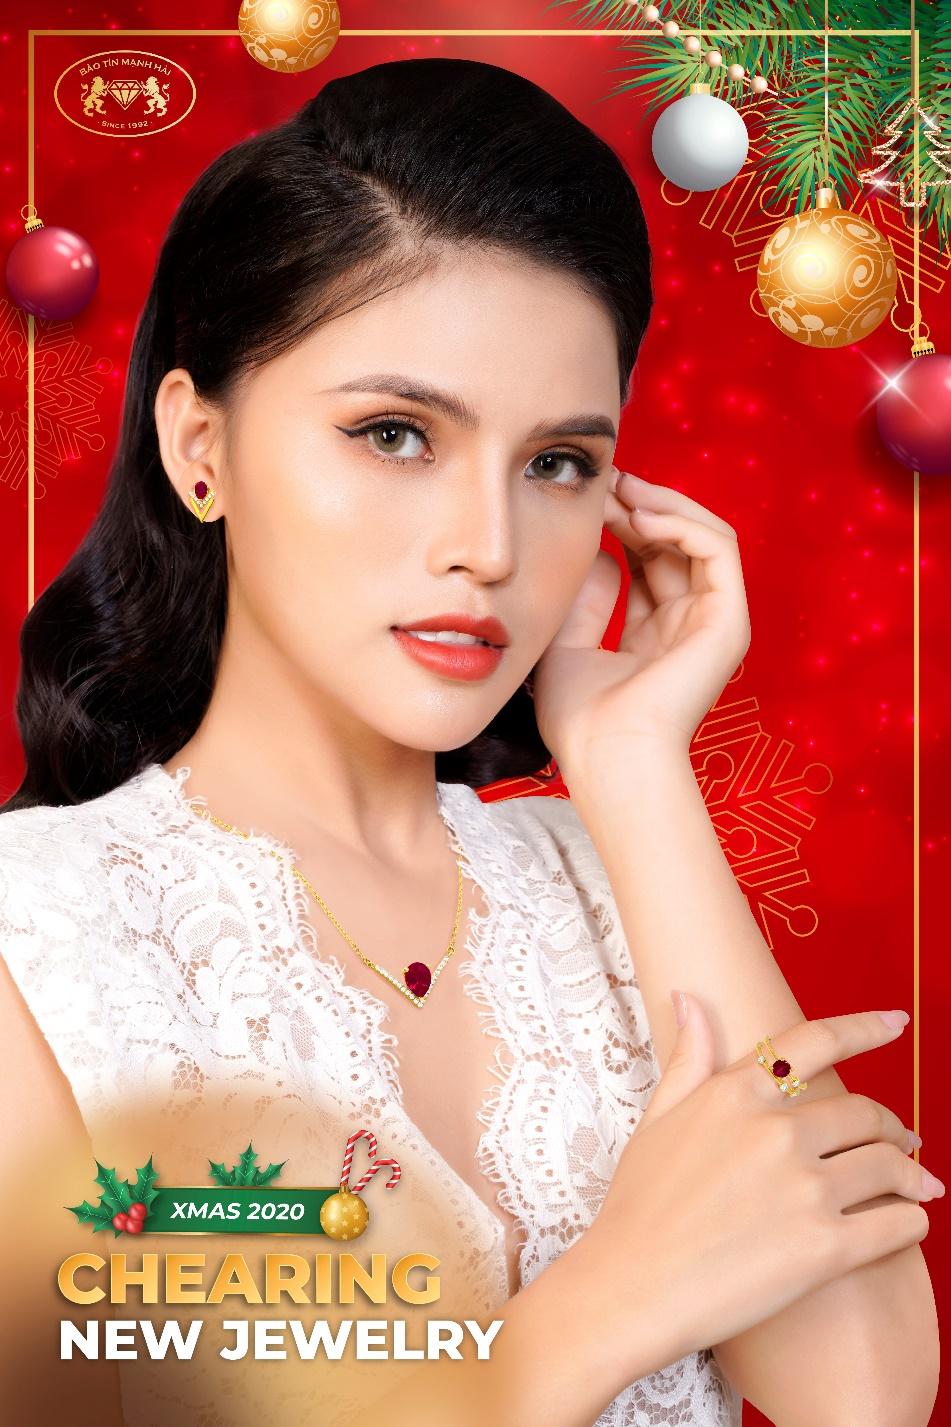 Bảo Tín Mạnh Hải ra mắt bộ sưu tập trang sức vàng tây gắn đá Chearing đón mùa lễ hội 2020.